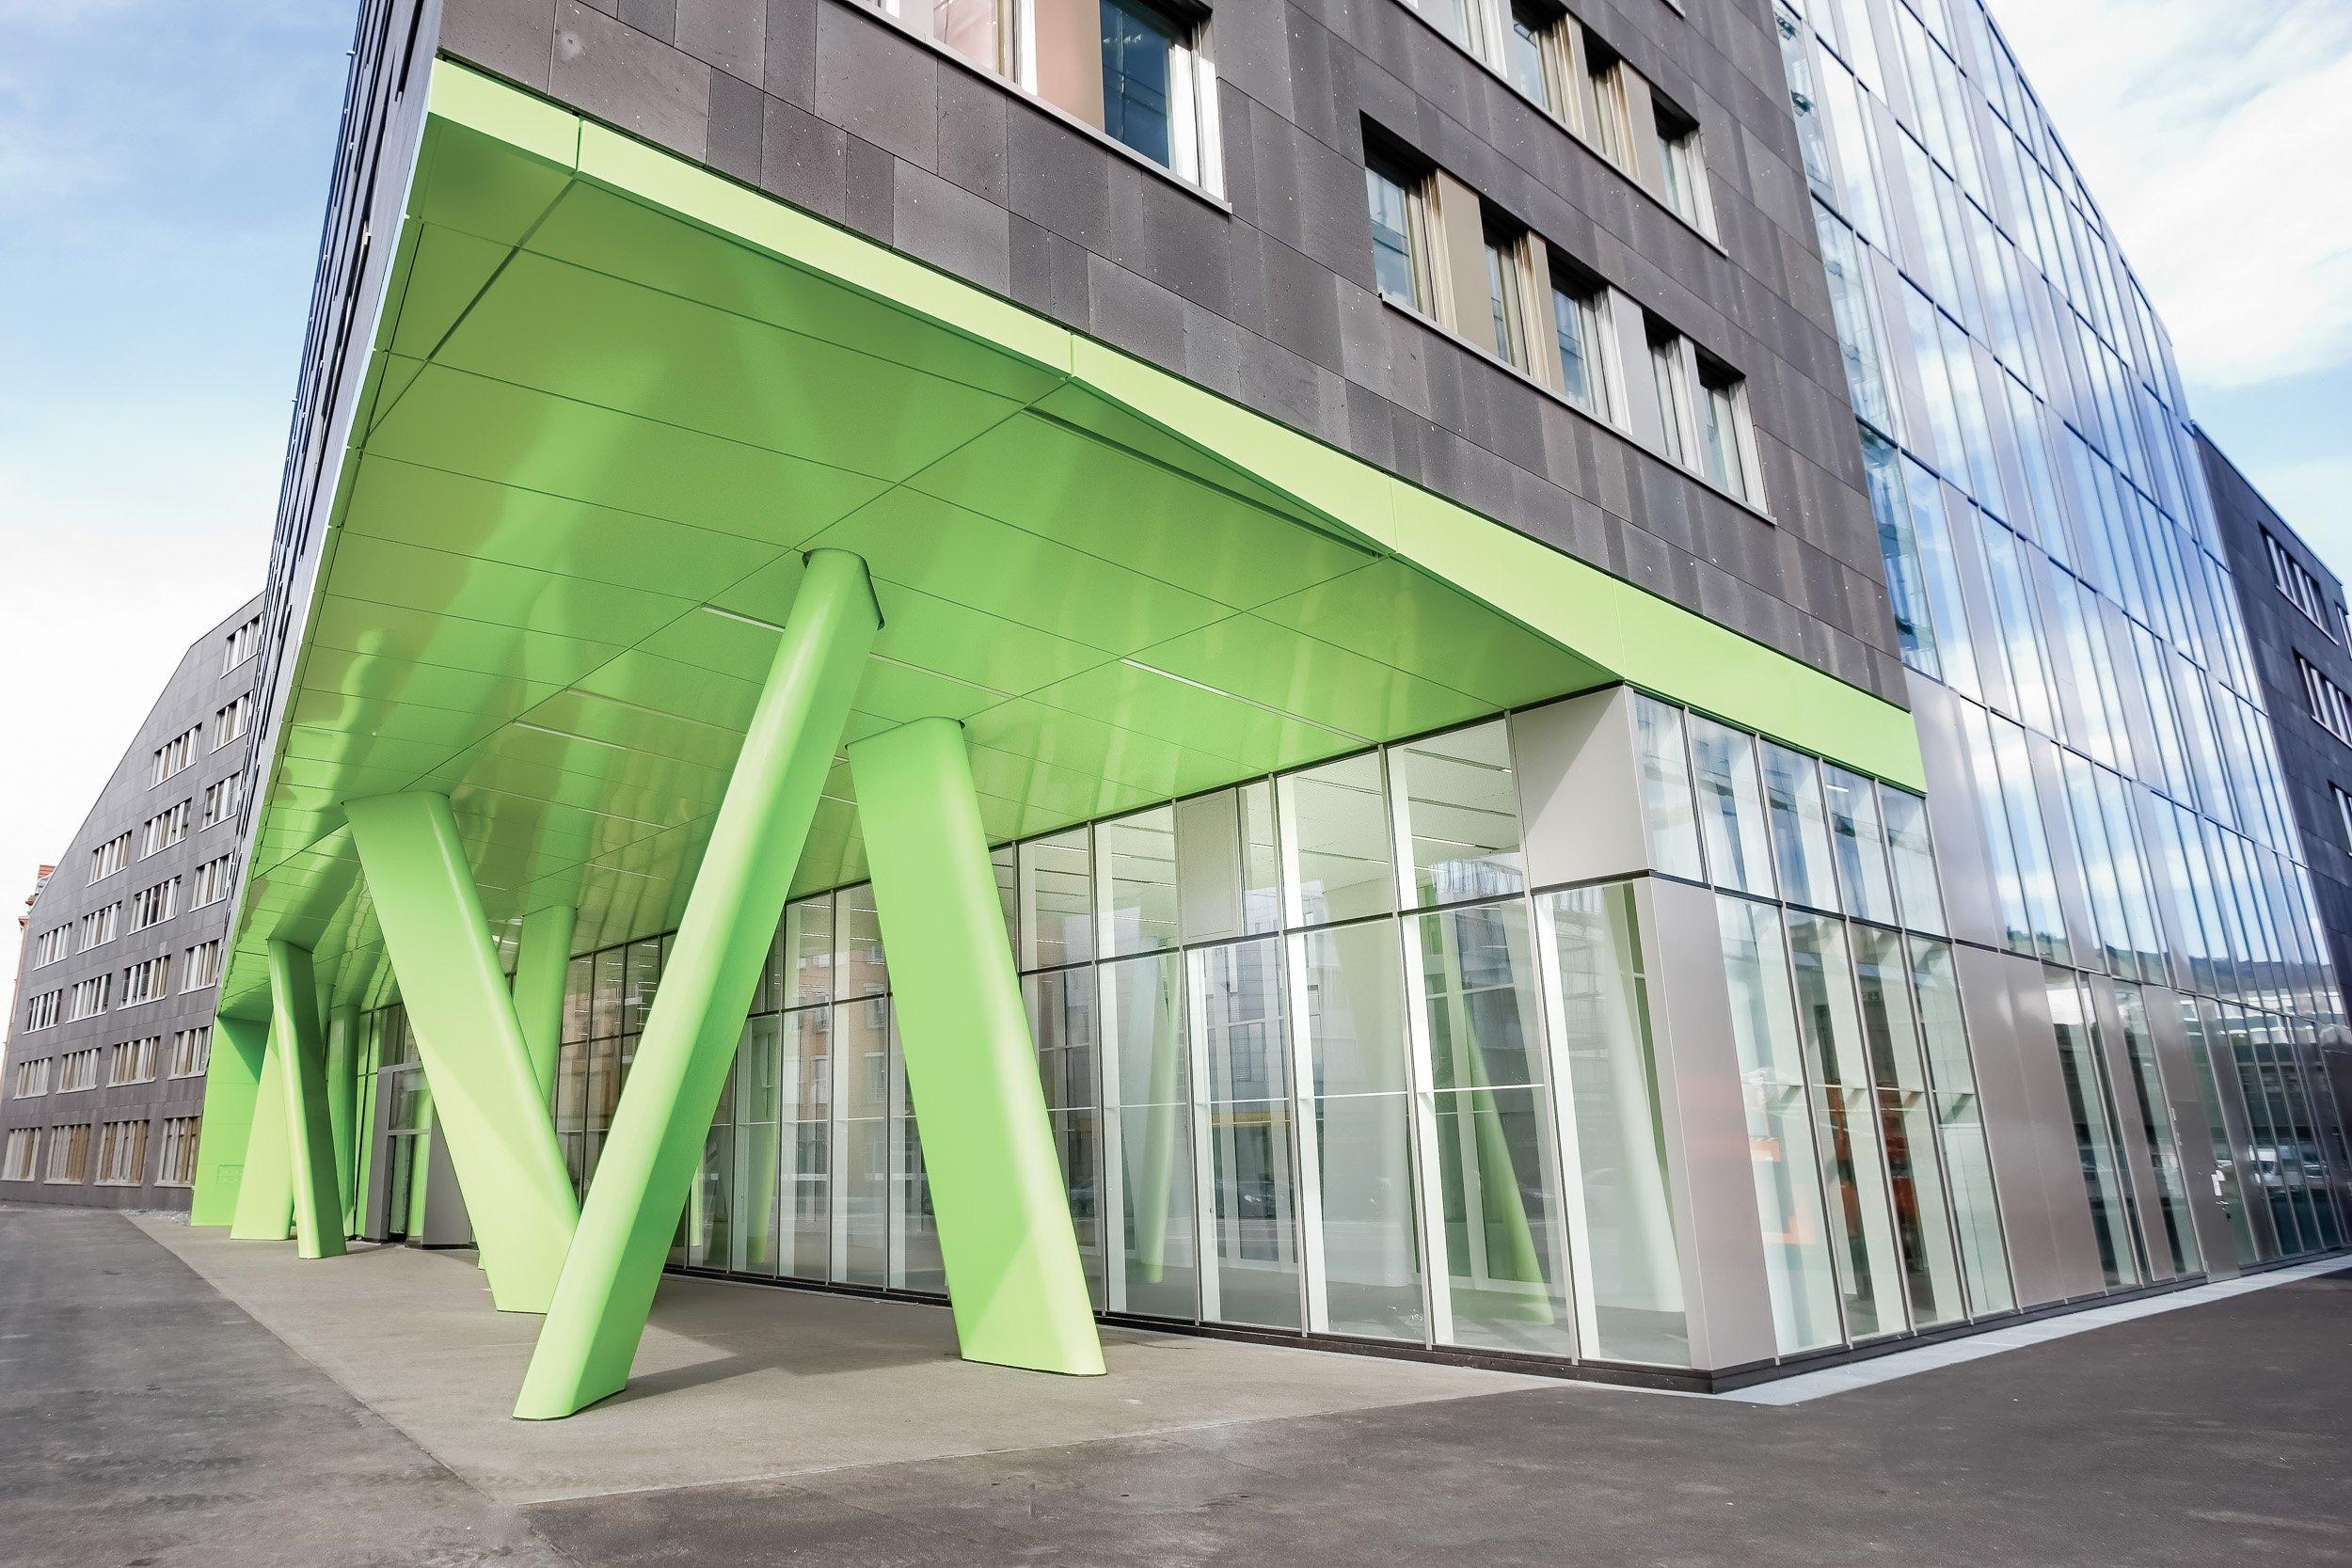 Regionalfonds Baden-Württemberg - Eingangsbereich mit grünen Stehlen X-House